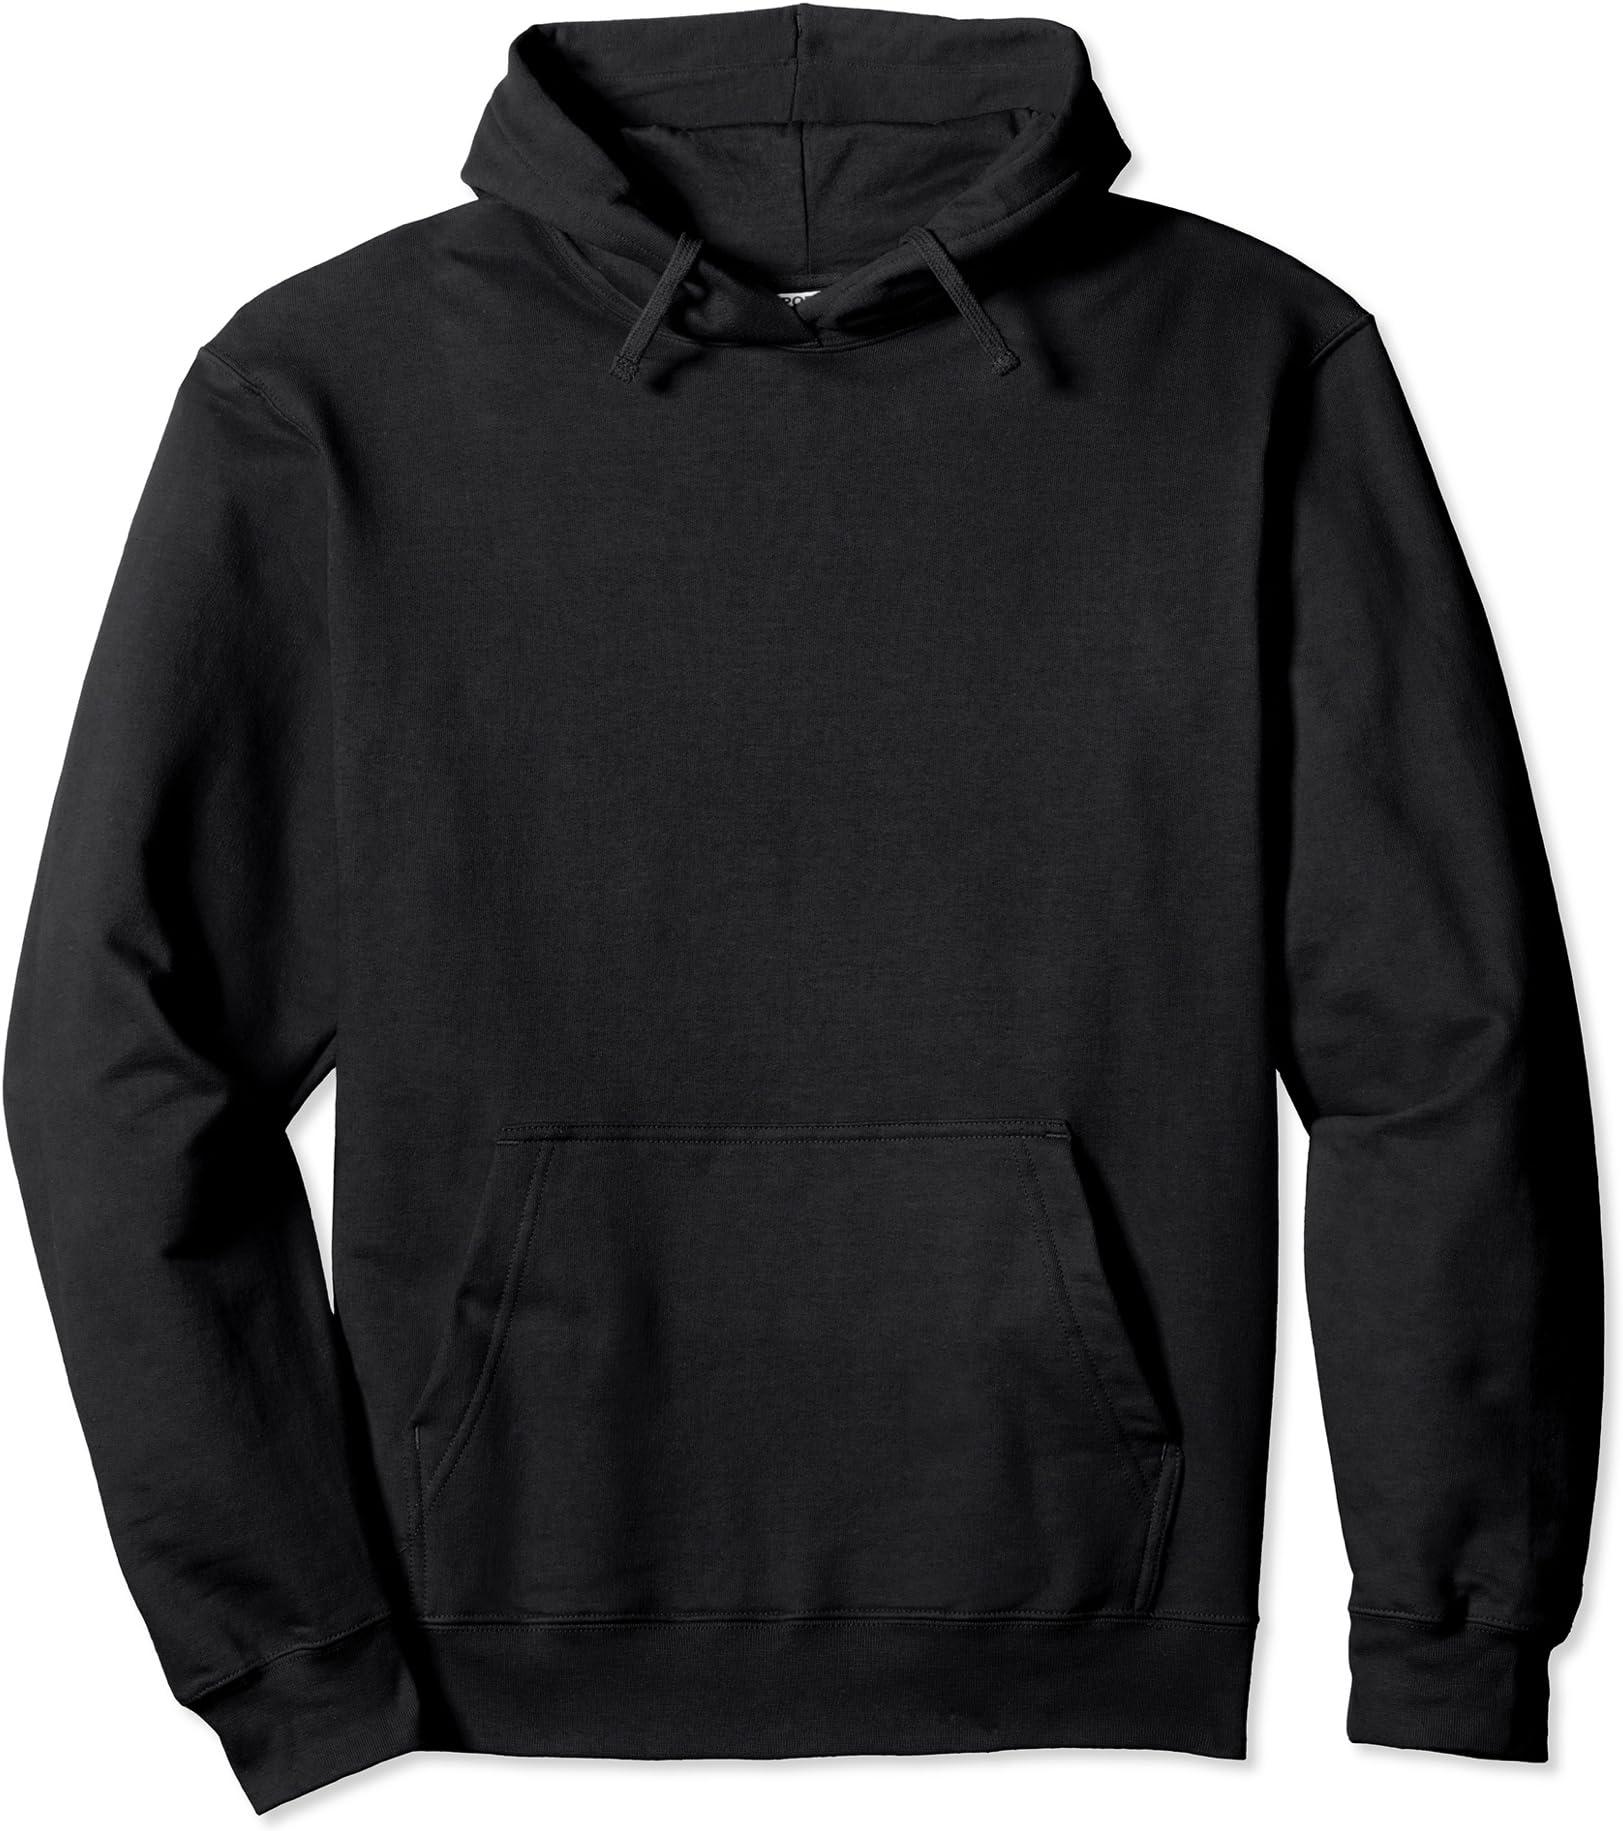 Cyprus text Hoodie Sweatshirt